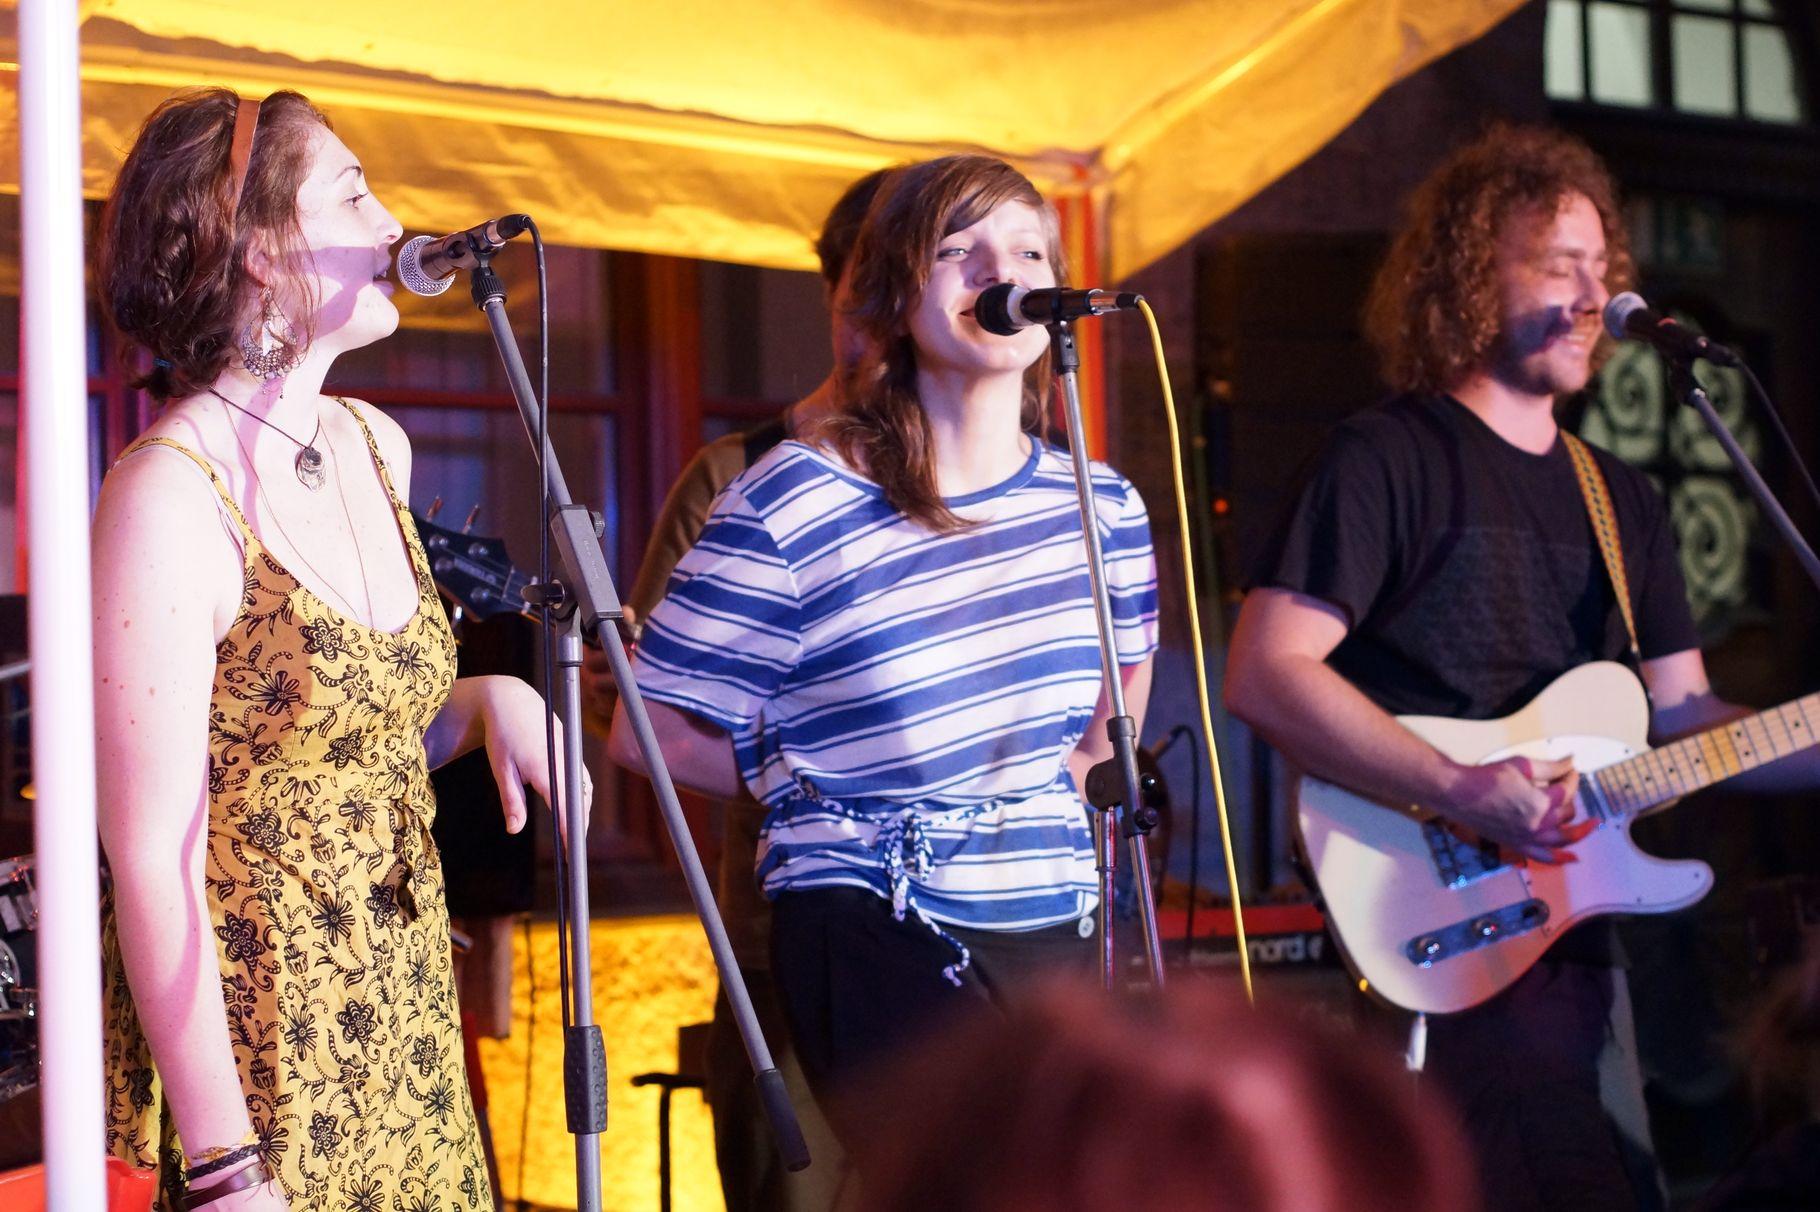 Konzerte im Bürgerhof 04.07.2013 Dublimation - Freiwilligen-Zentrum Augsburg - Foto: Crayfish